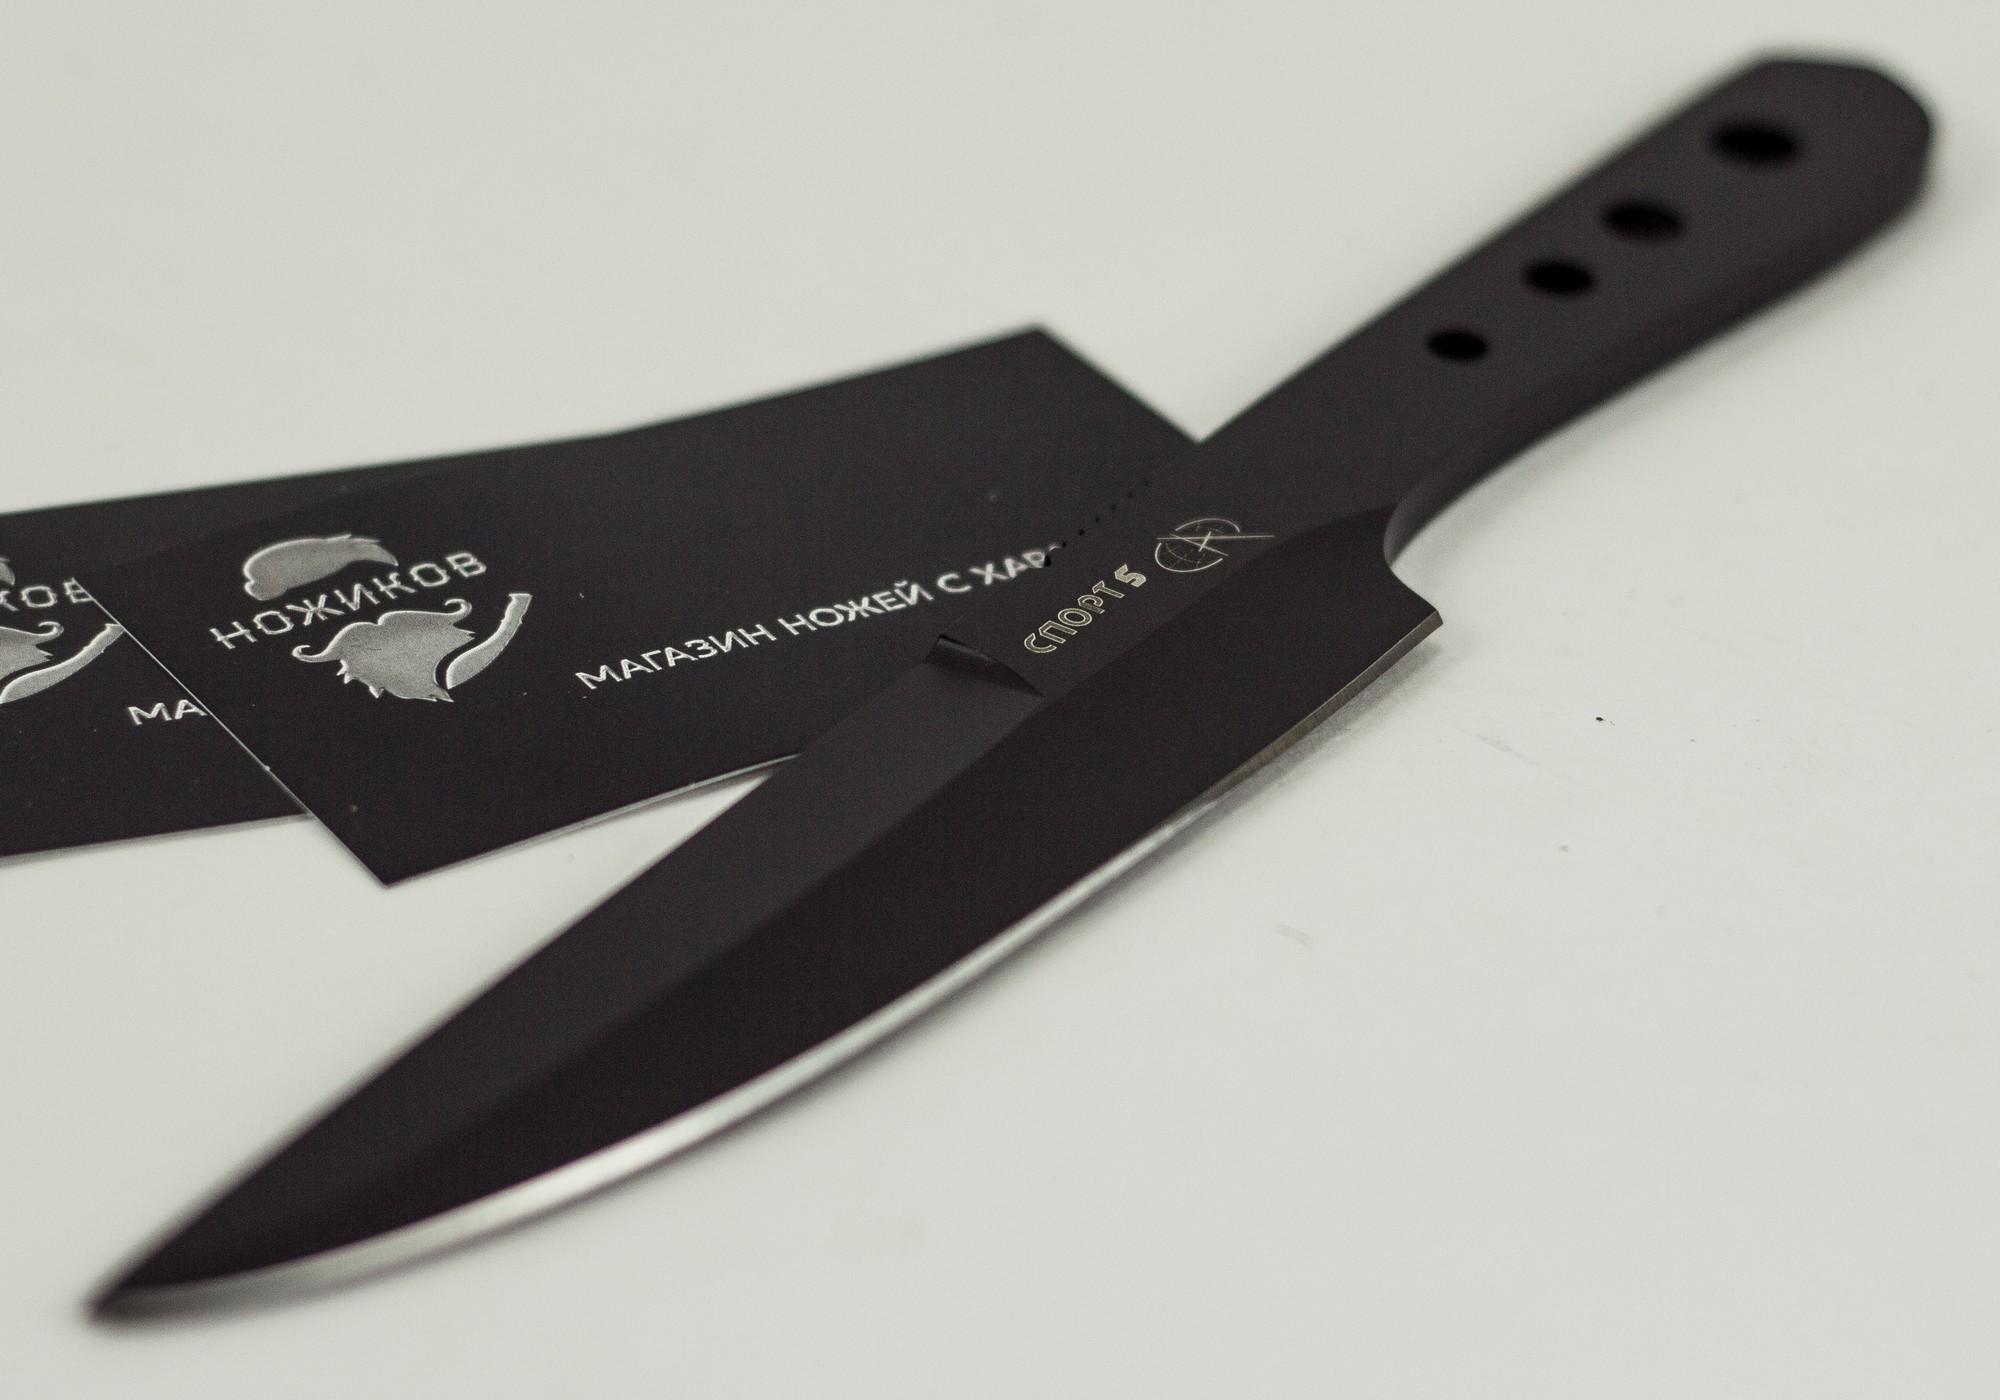 Фото 5 - Метательный нож Спорт-5 0831B от Pirat